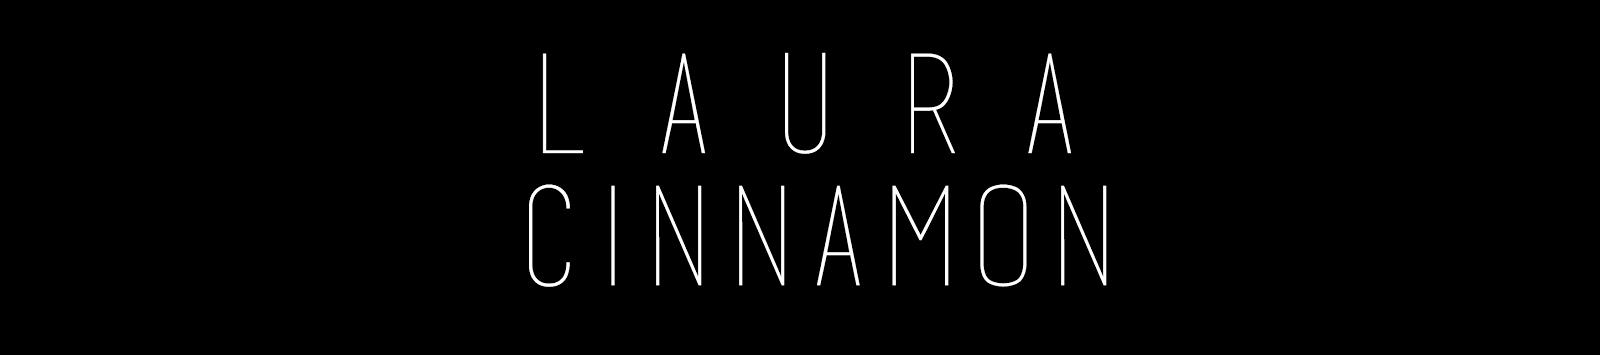 Laura cinnamon